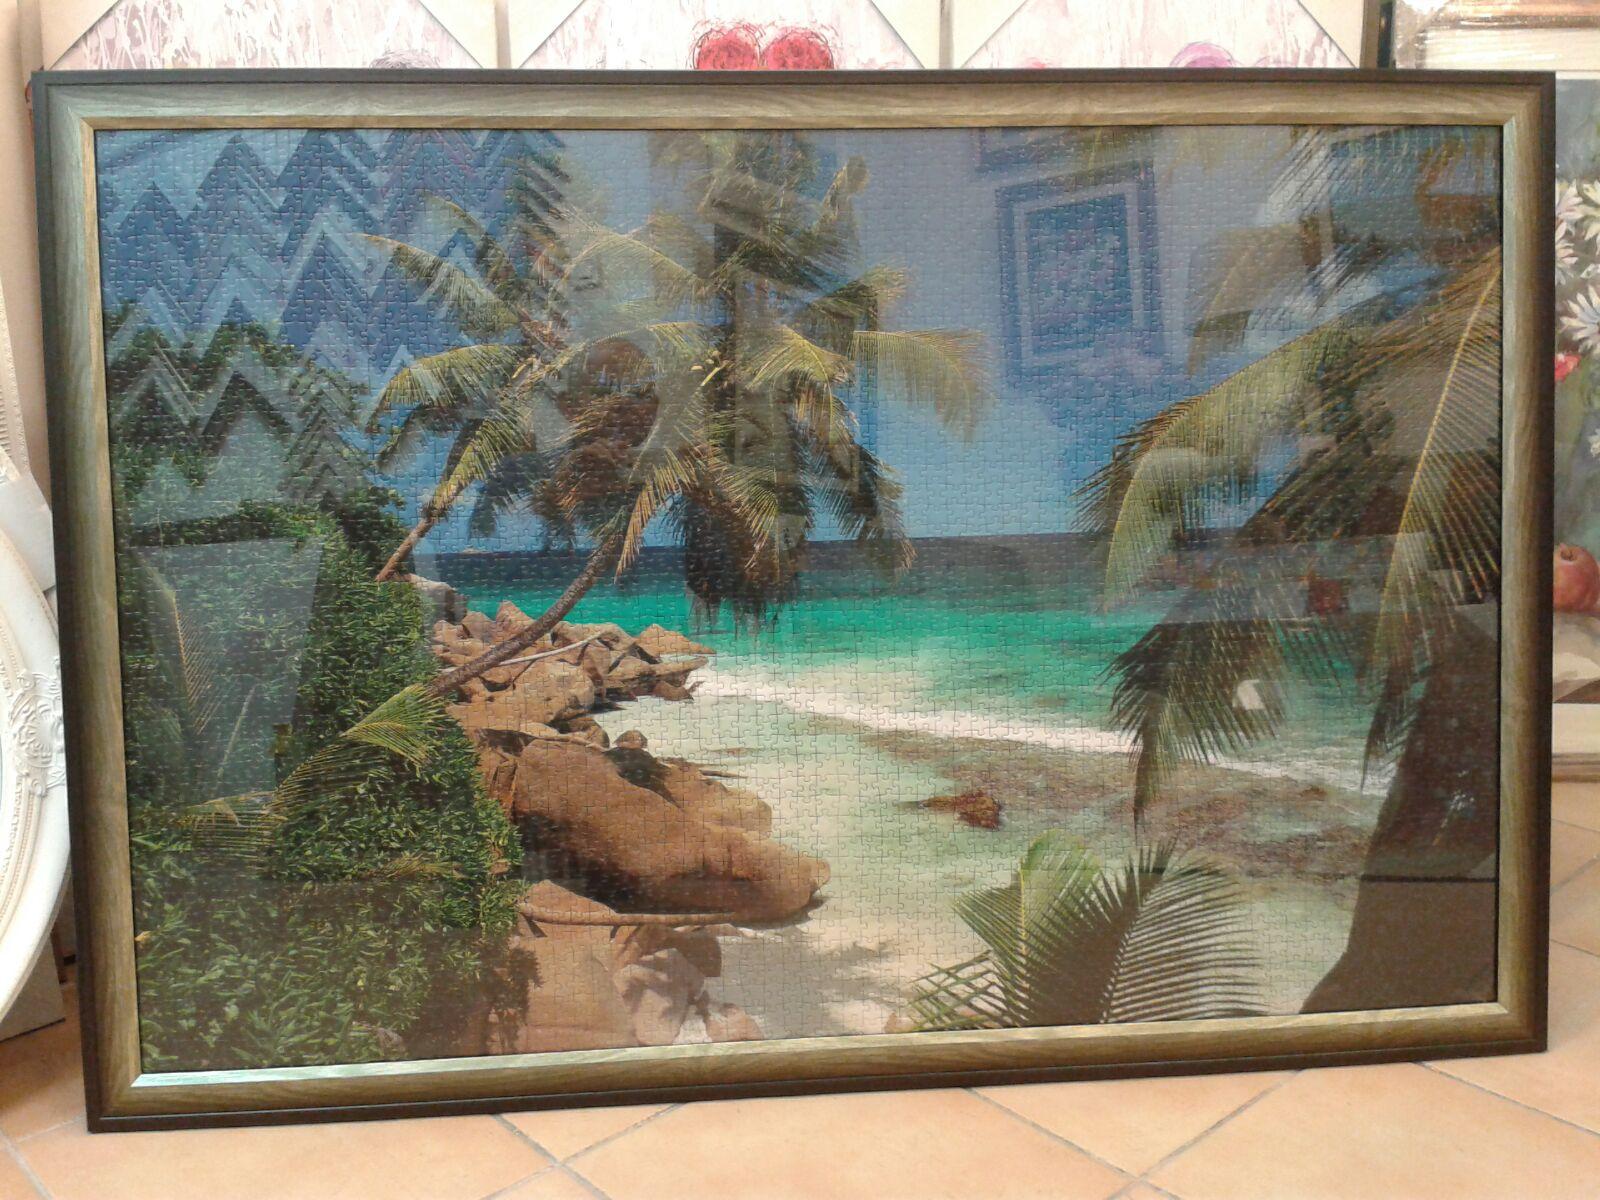 מסגרת לפאזל חוף קאריבי התאמה של המסגרת לנופים בפאזל